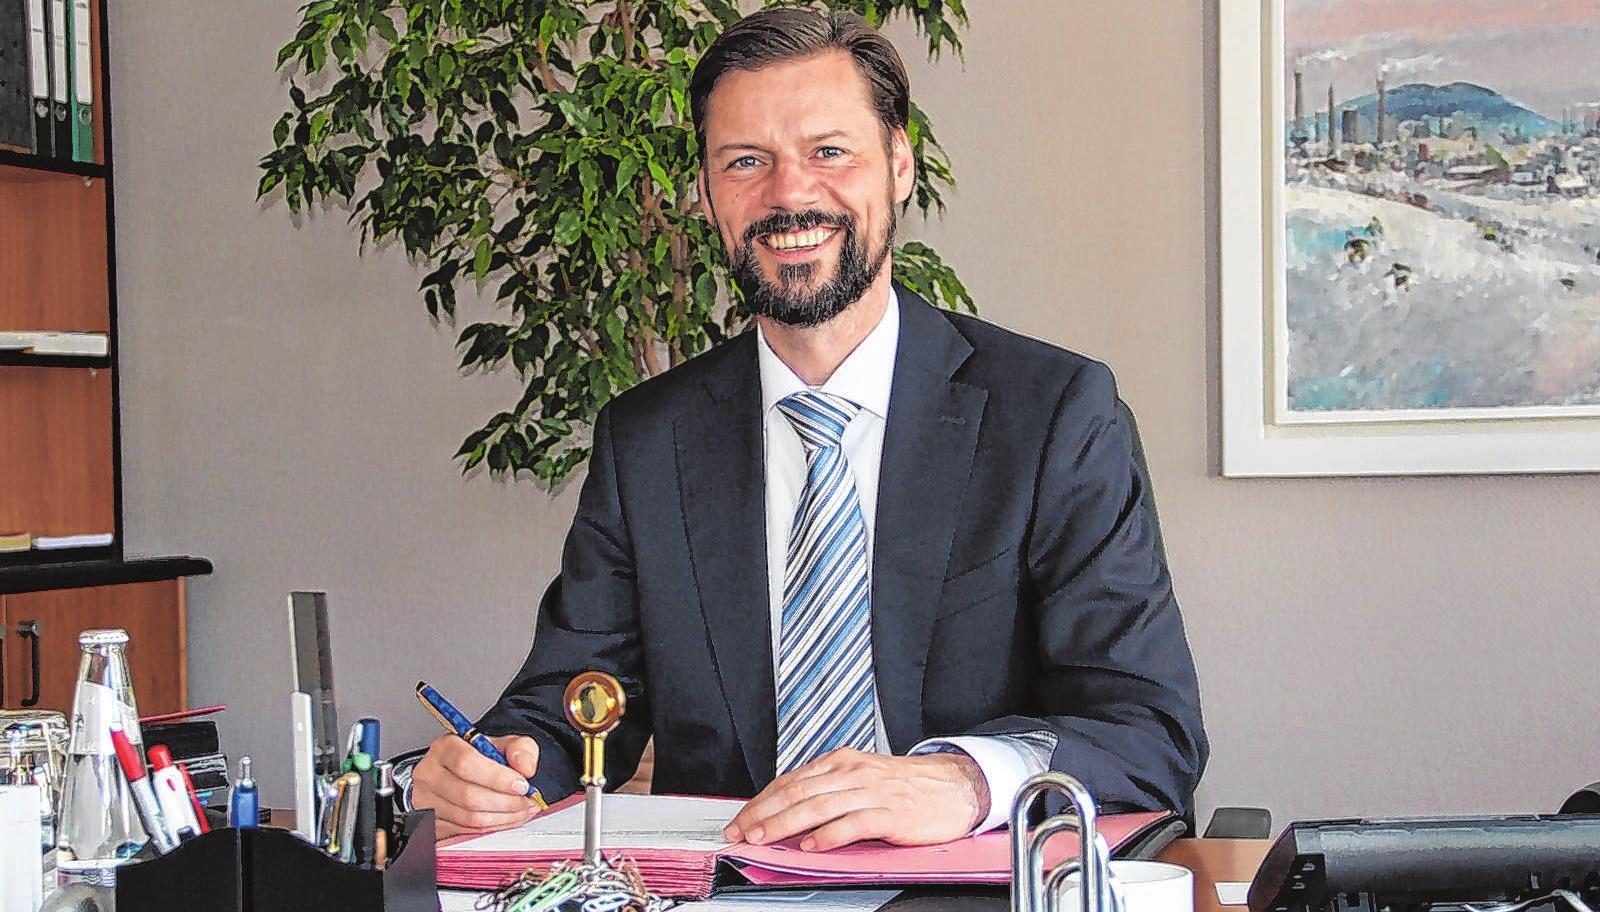 Bürgermeister Matthias Rudolph lädt zum Besuch der Ausbildungsbörse ein. Foto: Stadtverwaltung